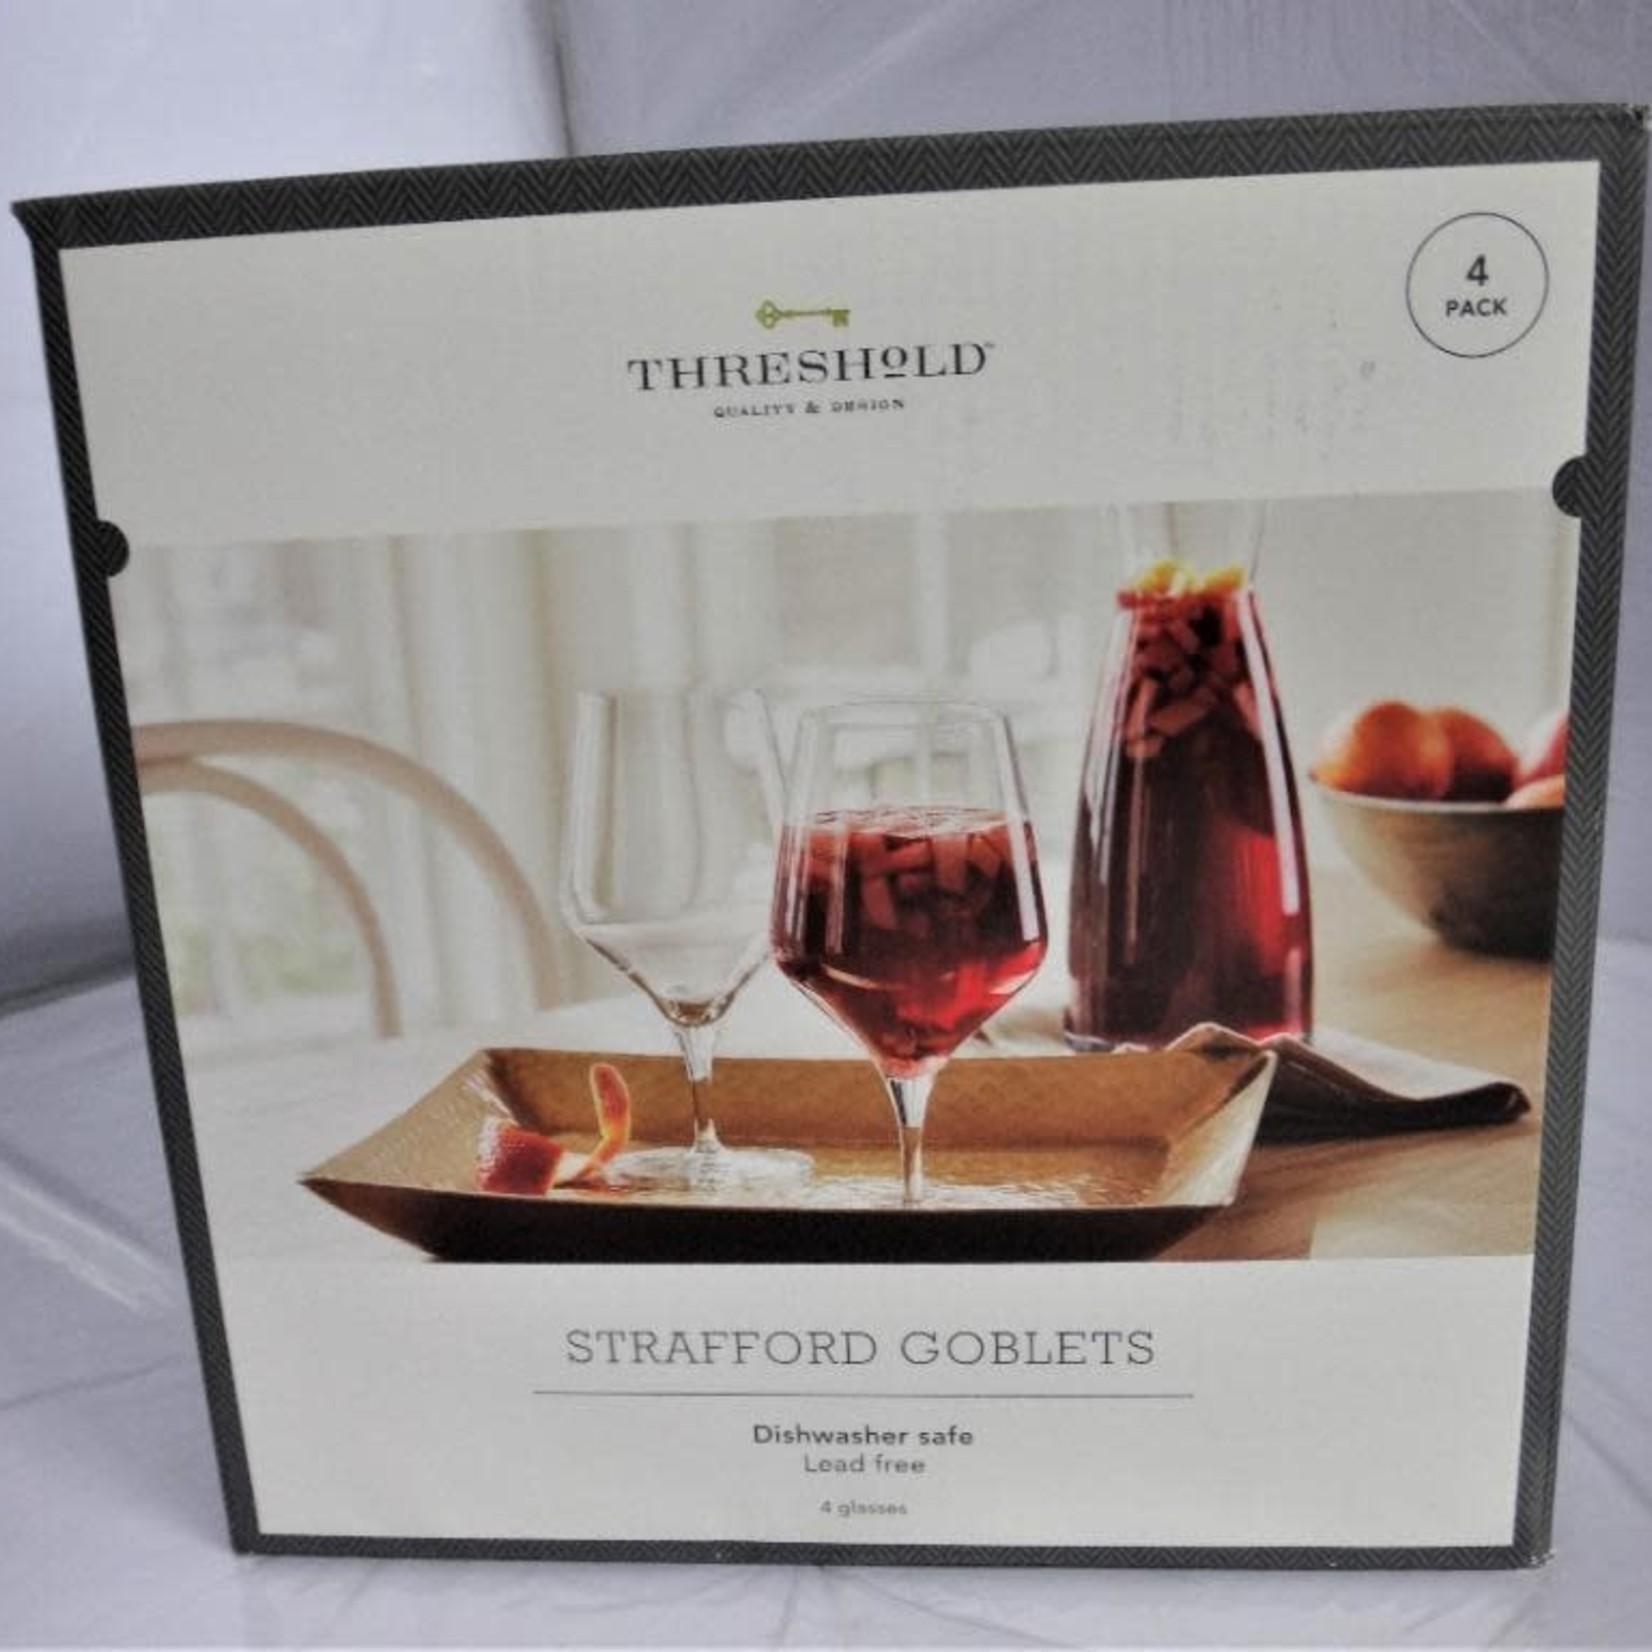 Threshold Strafford Goblets -Set of 4